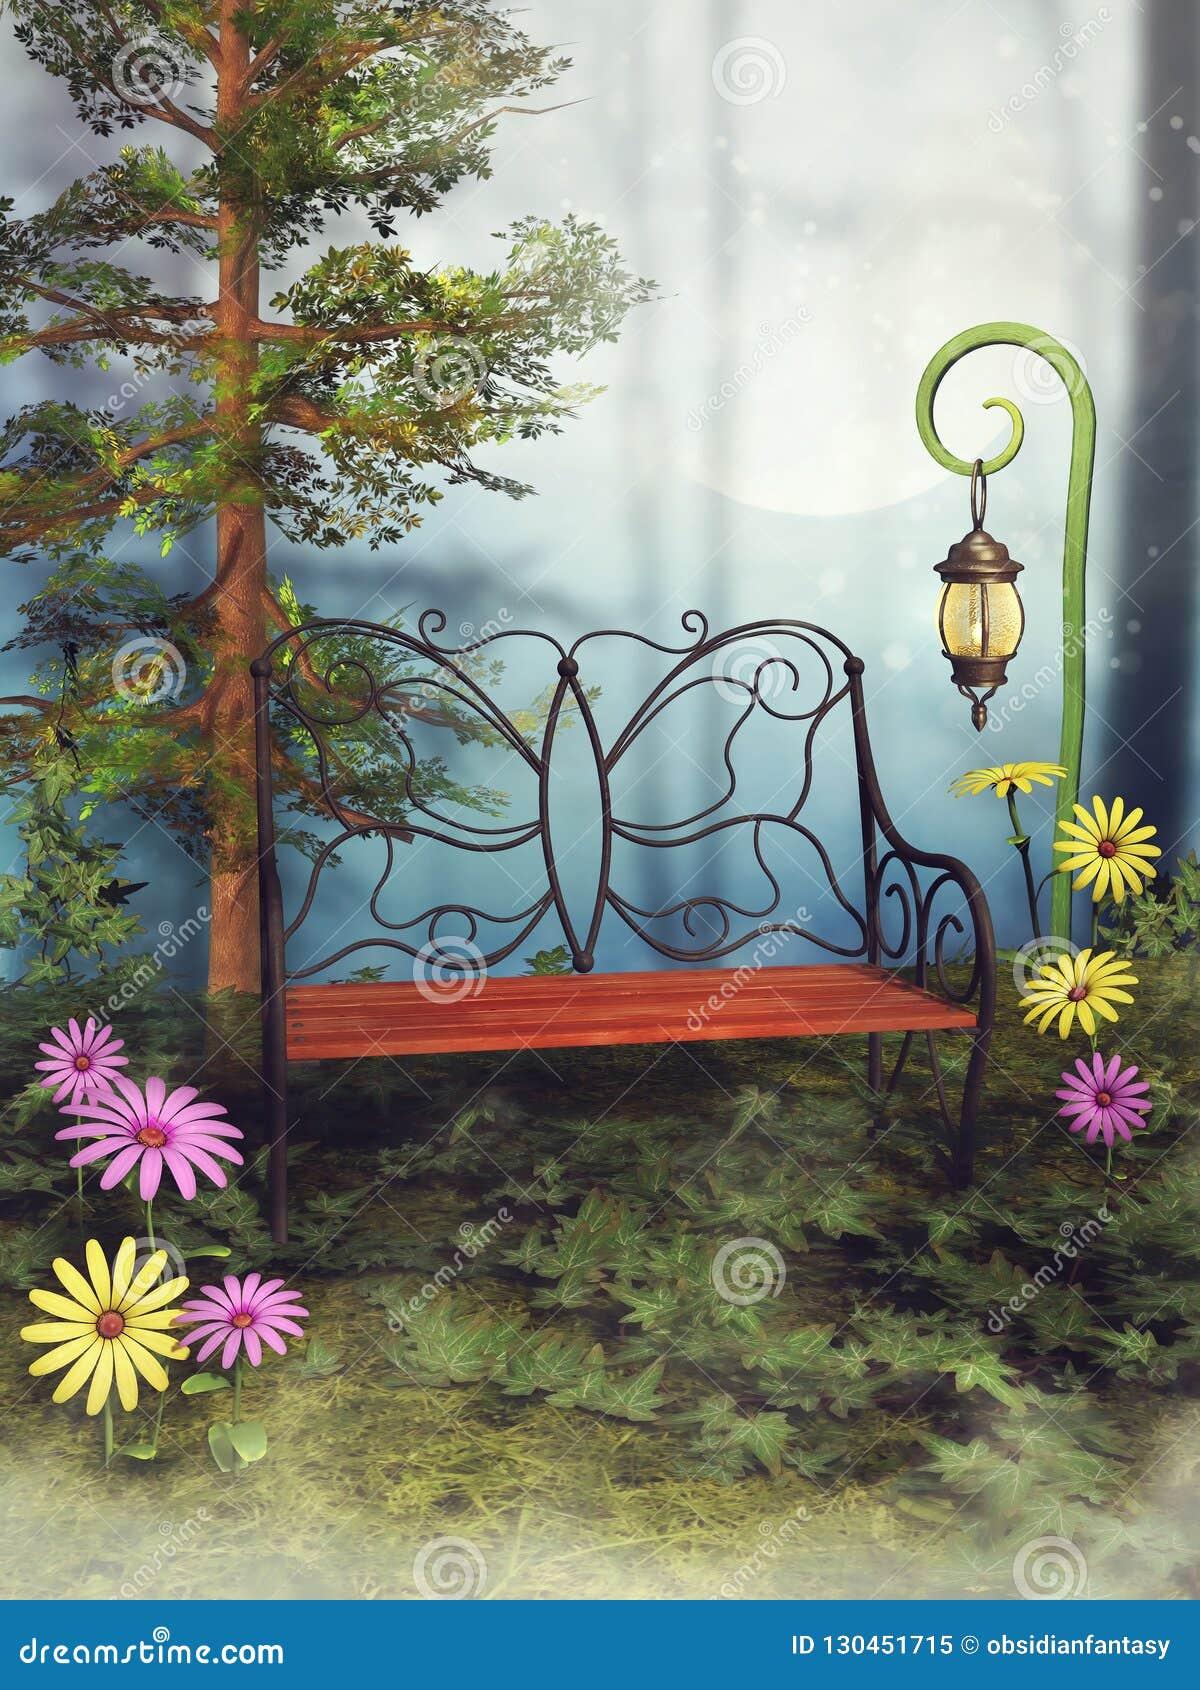 Fantazja kwiaty i ławka